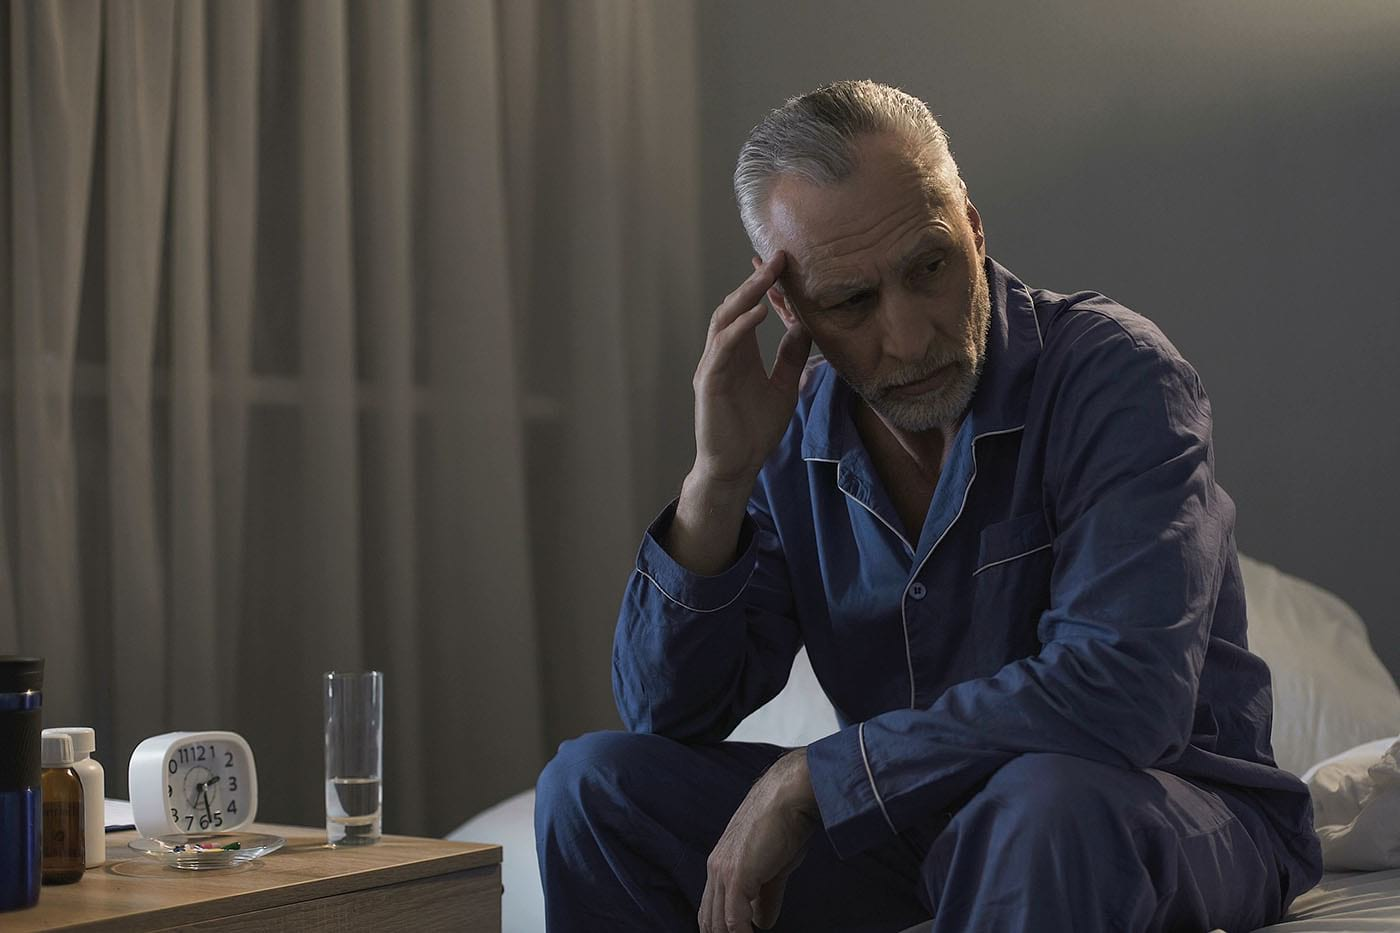 Un somn mai scurt de 5 ore poate crește riscul de demență [studiu]